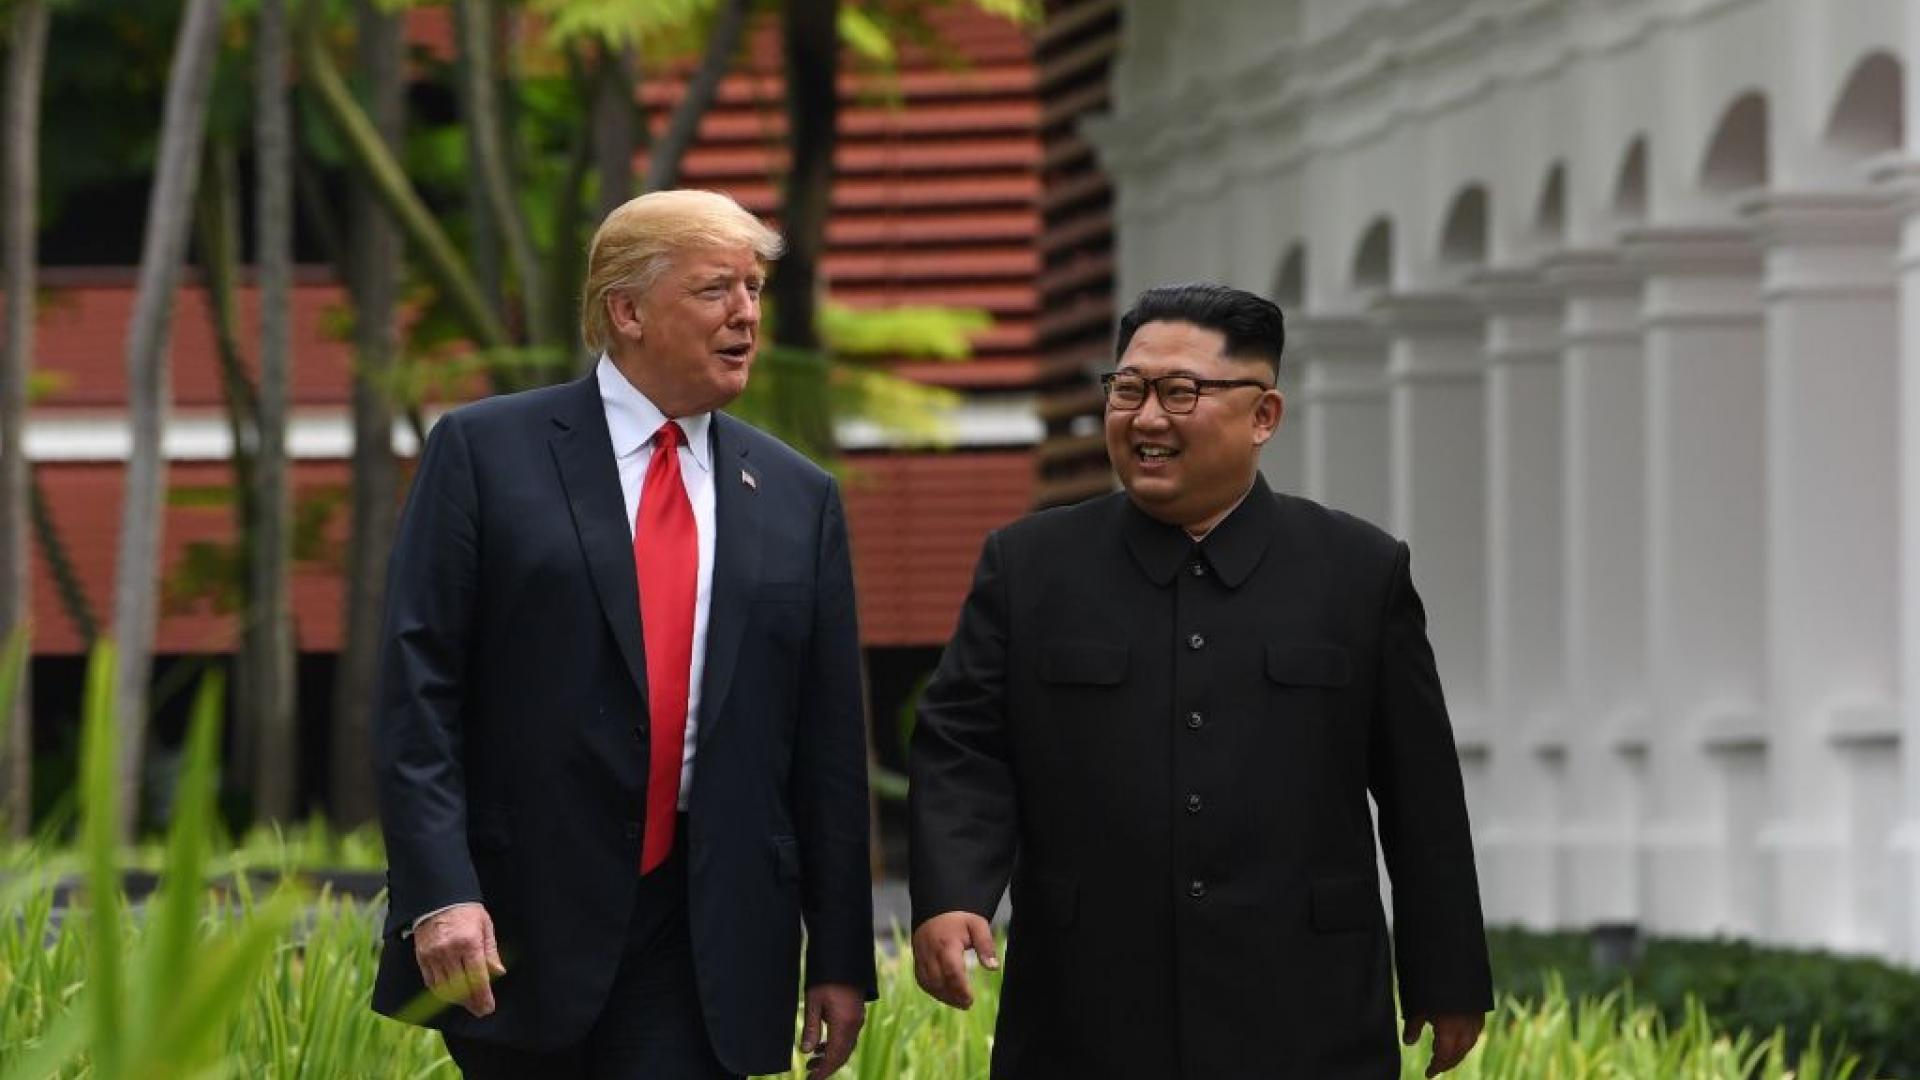 """رسالة """"عظيمة"""" و""""حرب في آسيا"""" عند هذه الحالة.. أبرز تصريحات ترامب عن كيم"""